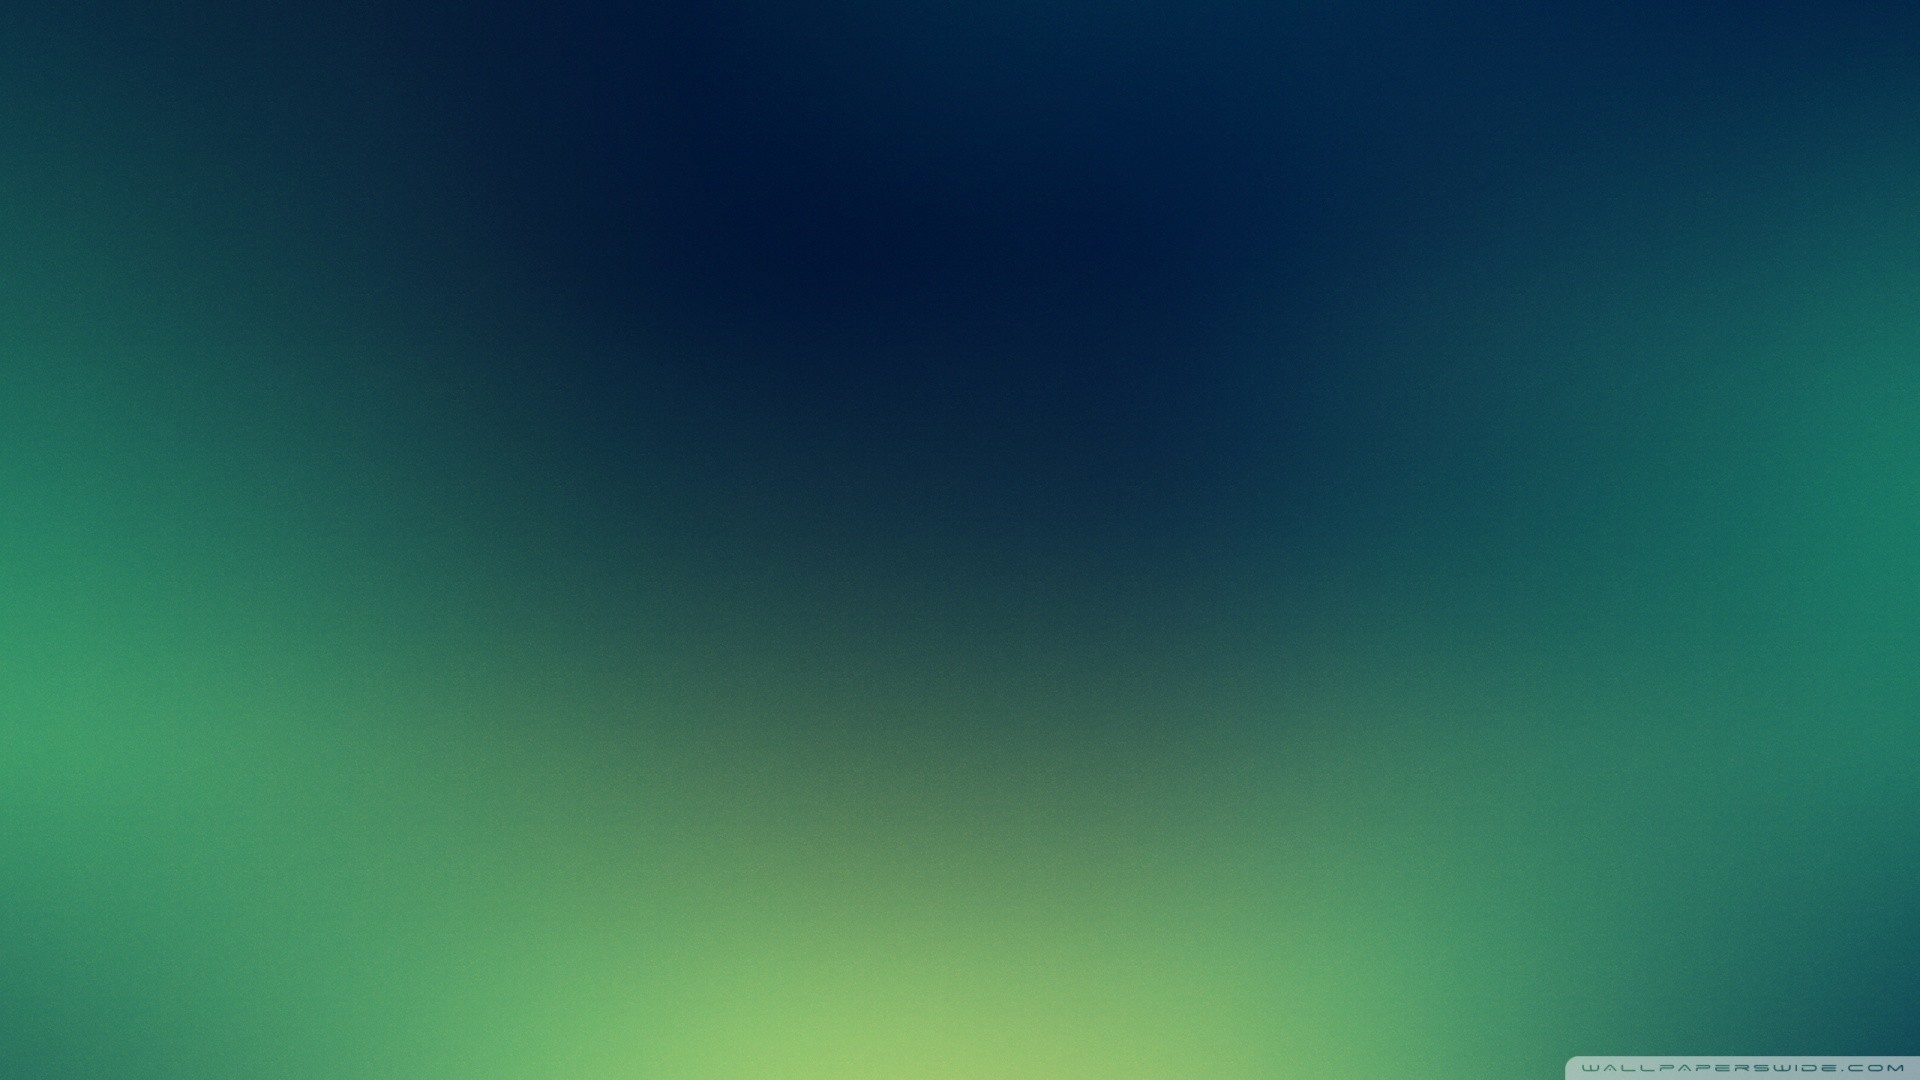 … aero green and dark blue hd desktop wallpaper widescreen high …